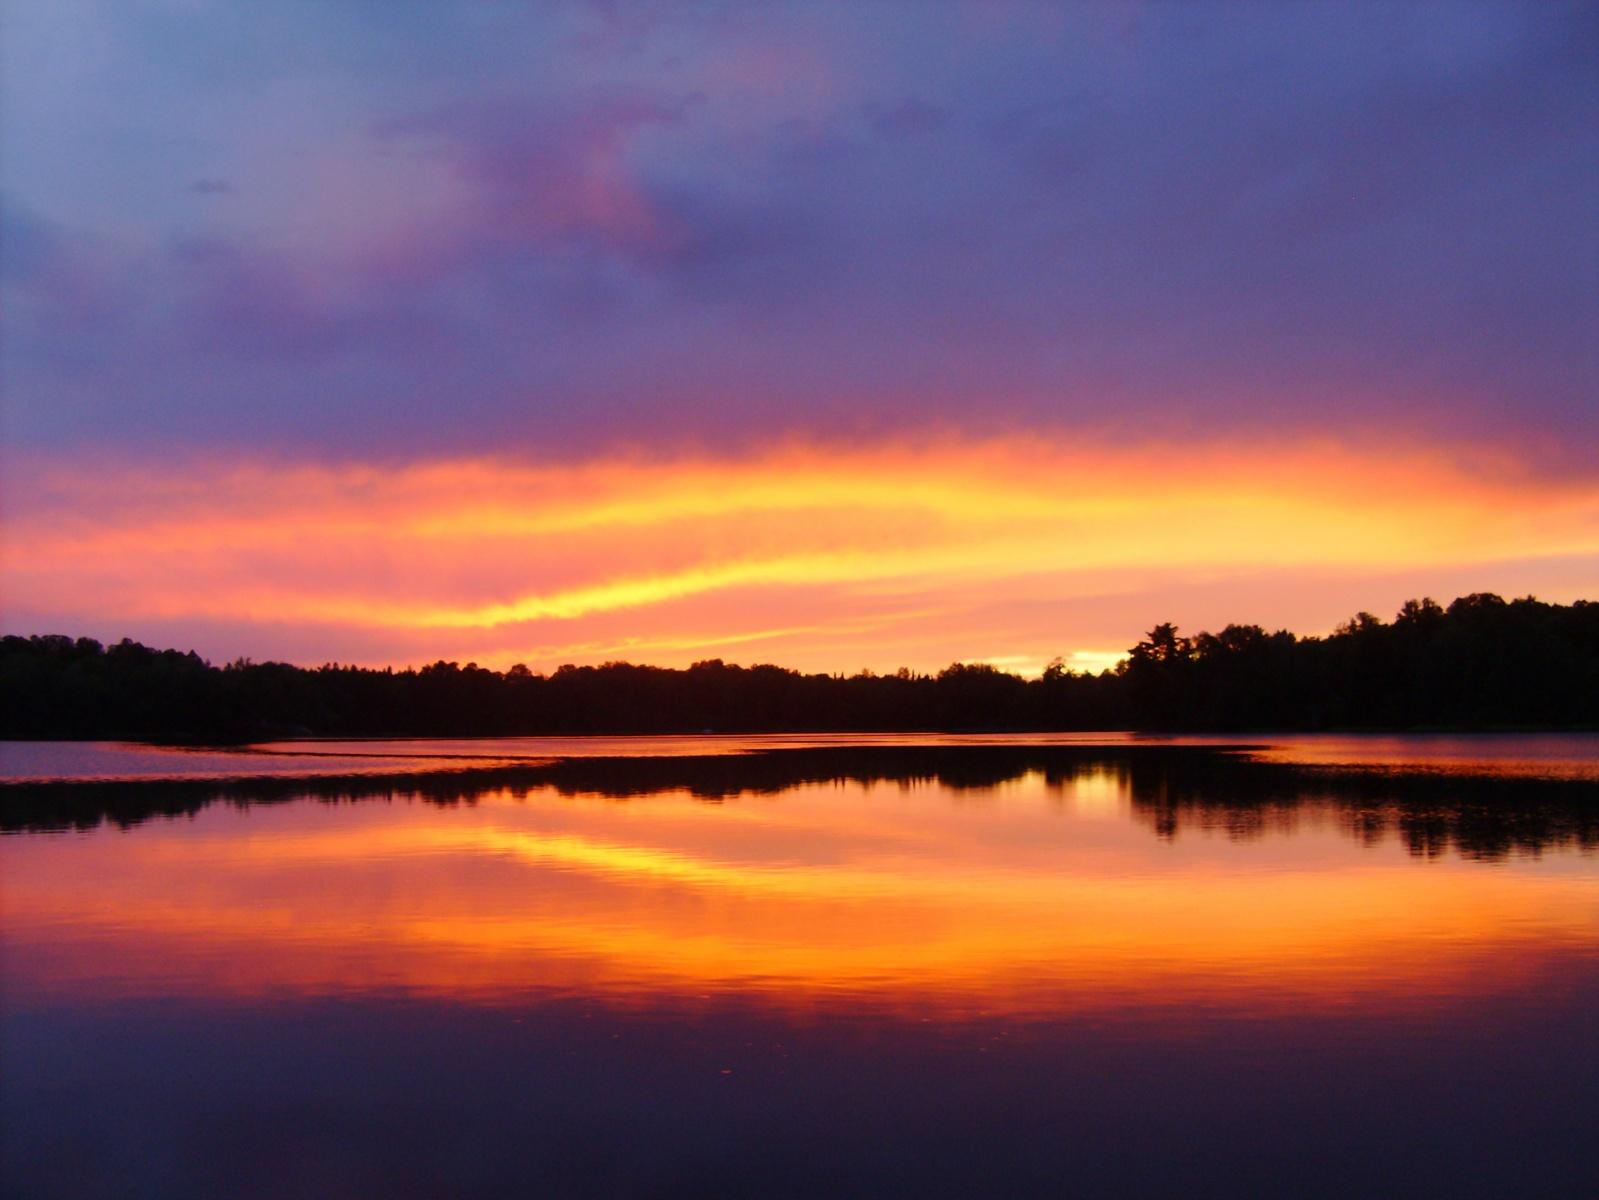 sunset over Lake Nothing